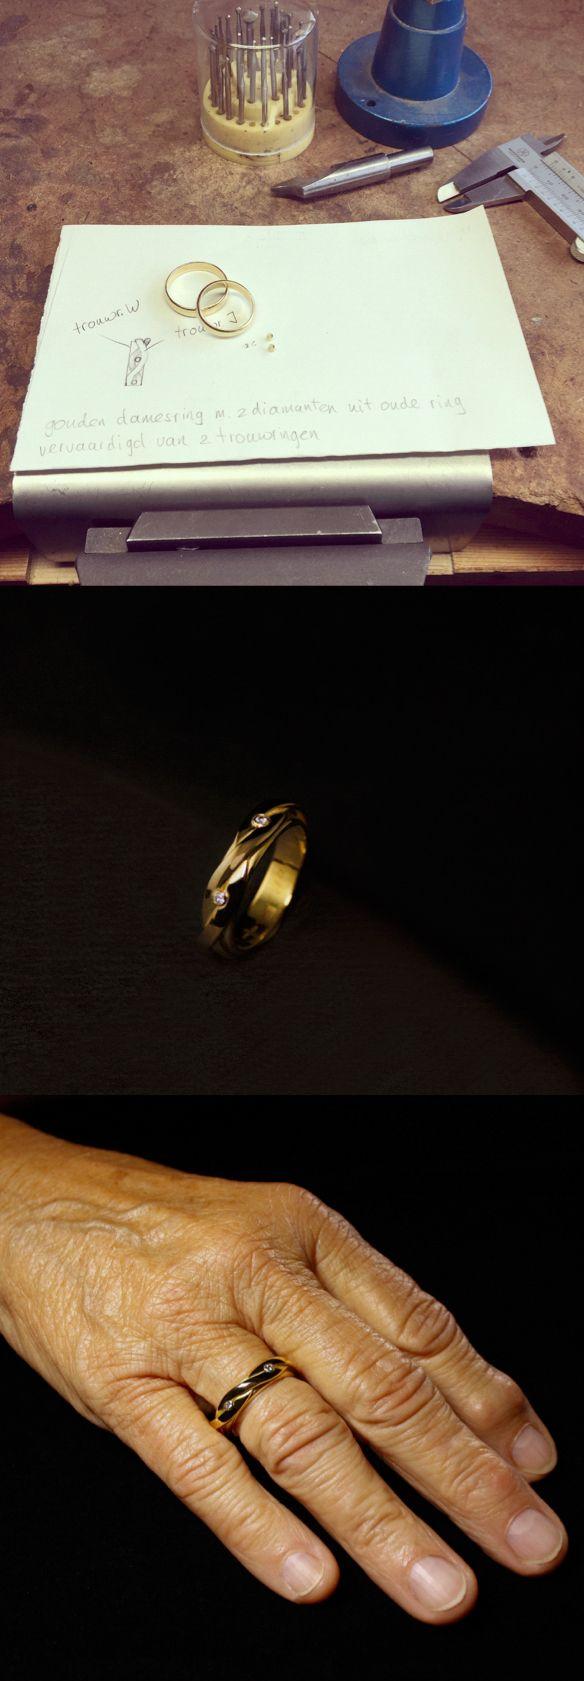 Het eindresultaat van een gouden damesring met 2x diamant vervaardigd van 2 trouwringen. #goudsmidmetpassie #herinneringen #herinneringsring #herdenkingssieraden #omdatikjemis